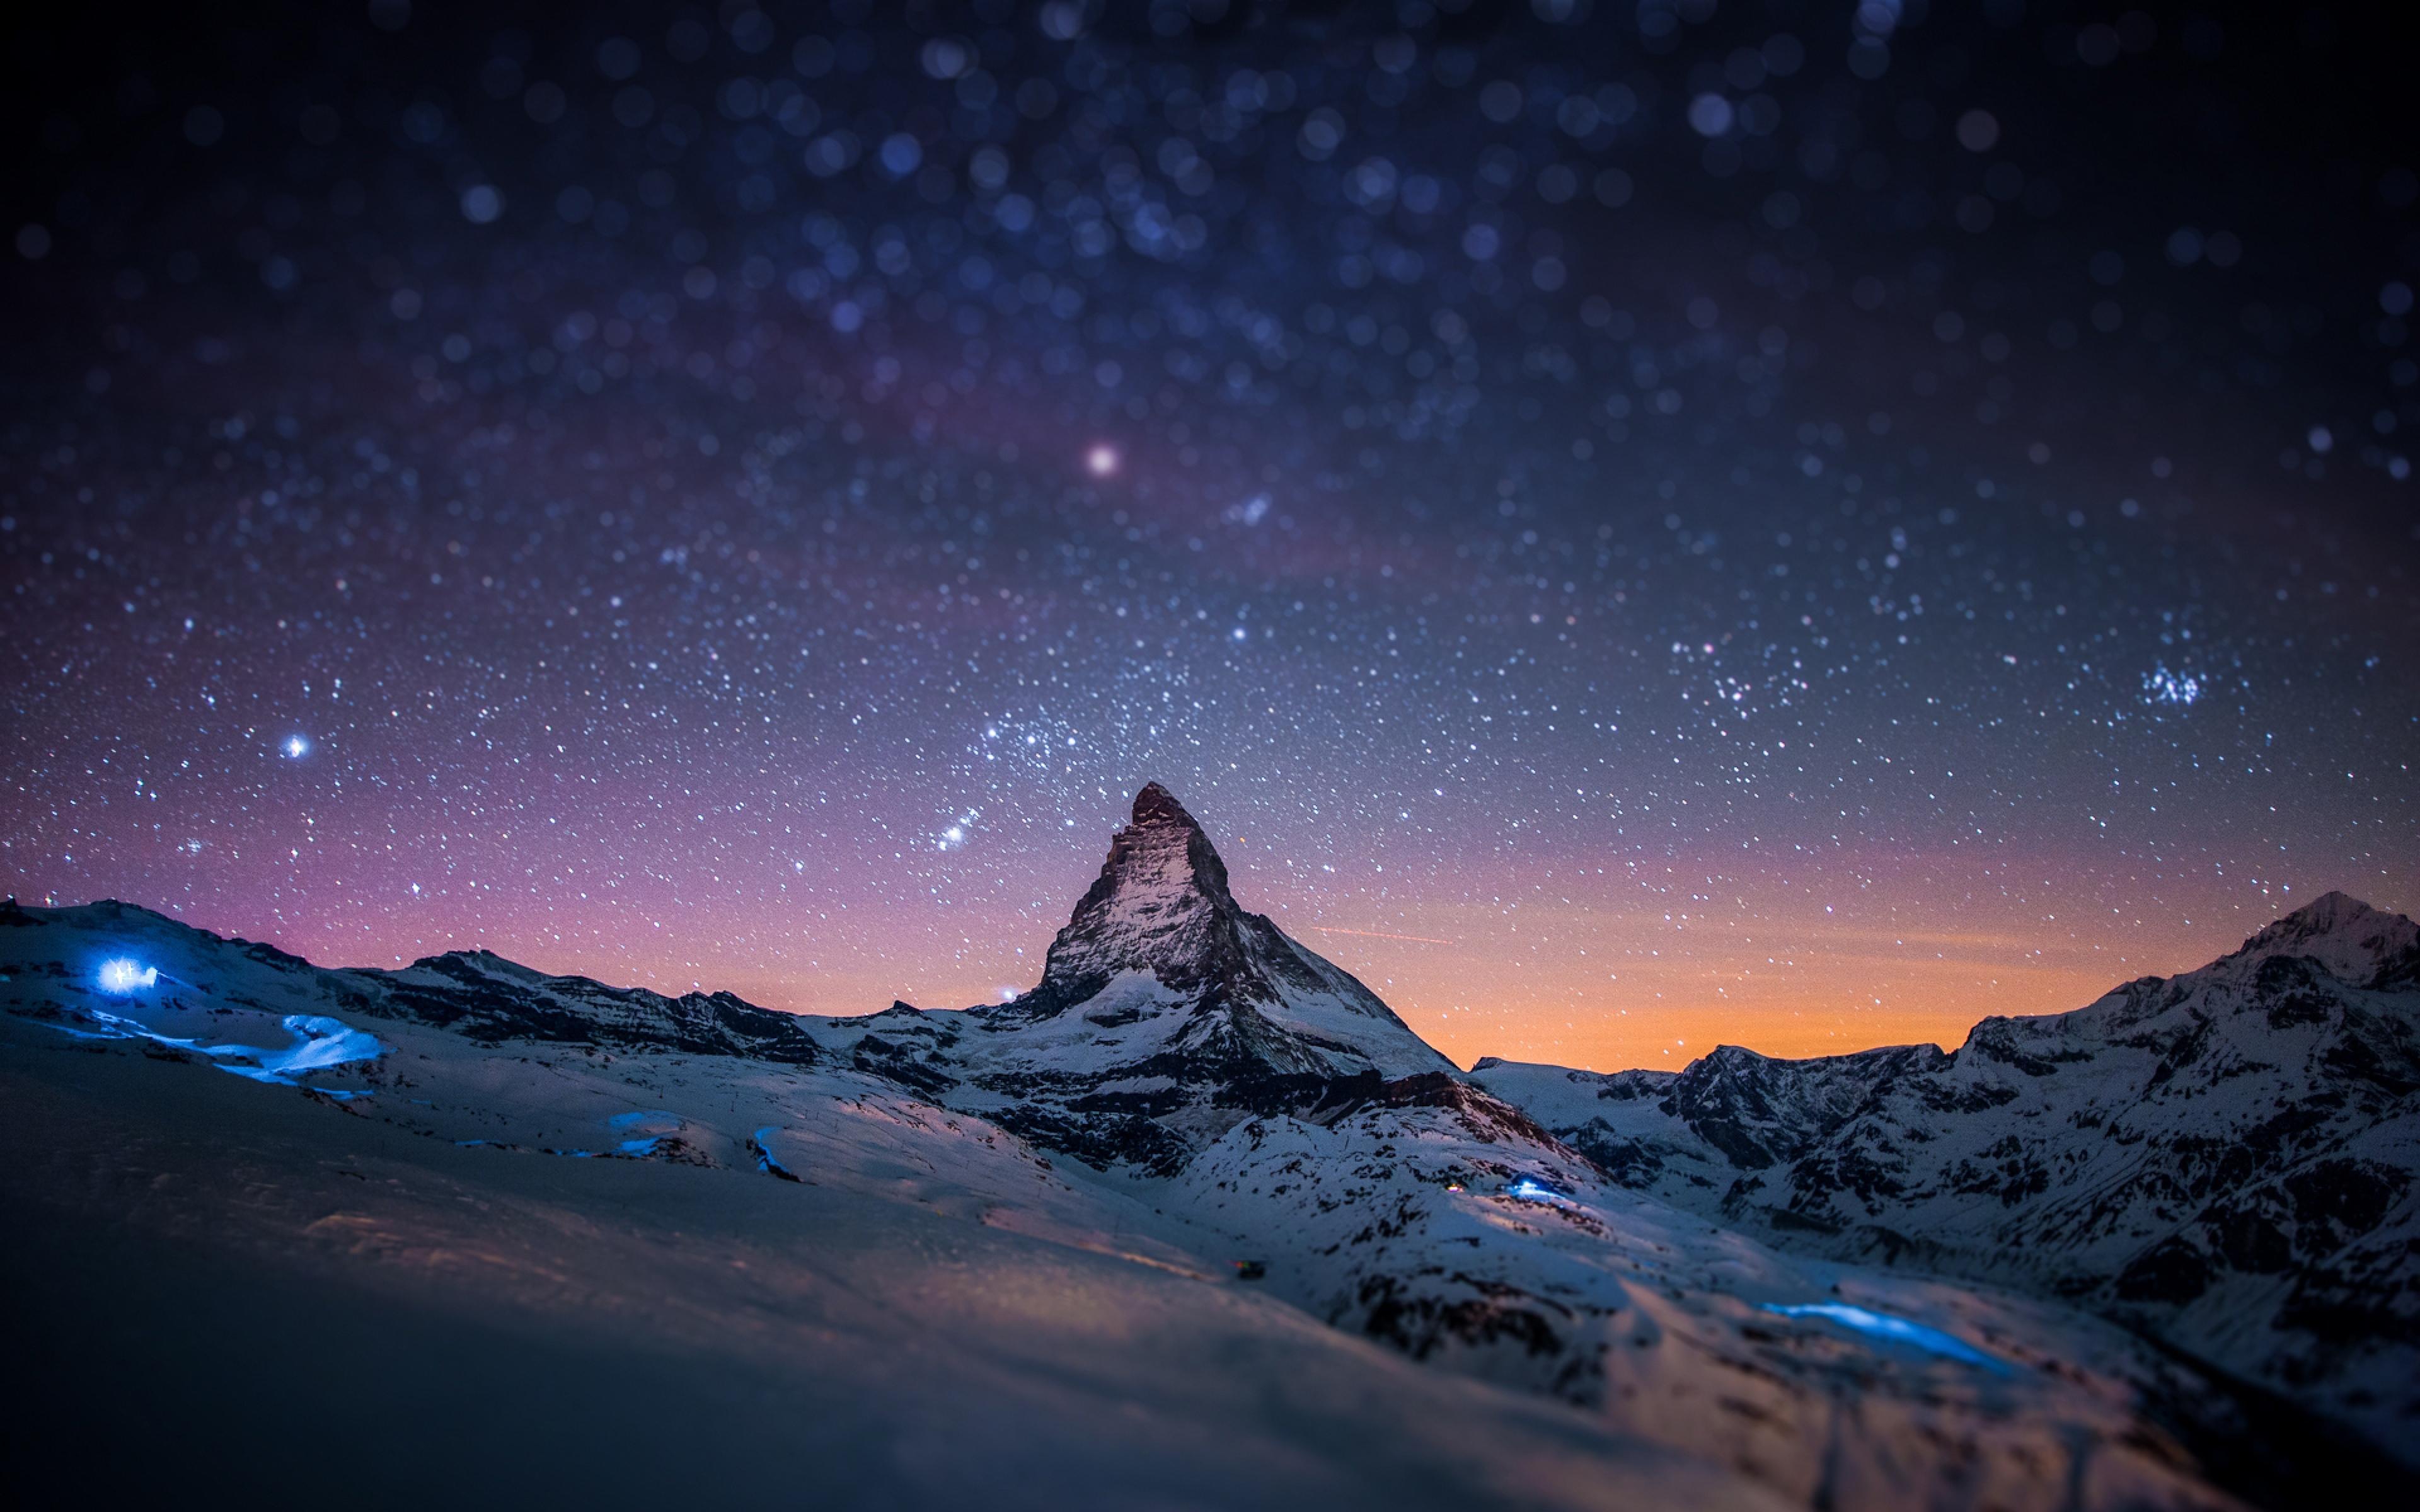 Night Sky Blurred Stars Light Show Wallpaper Wallpapersbyte Laptop Backgrounds 3840x2400 Download Hd Wallpaper Wallpapertip